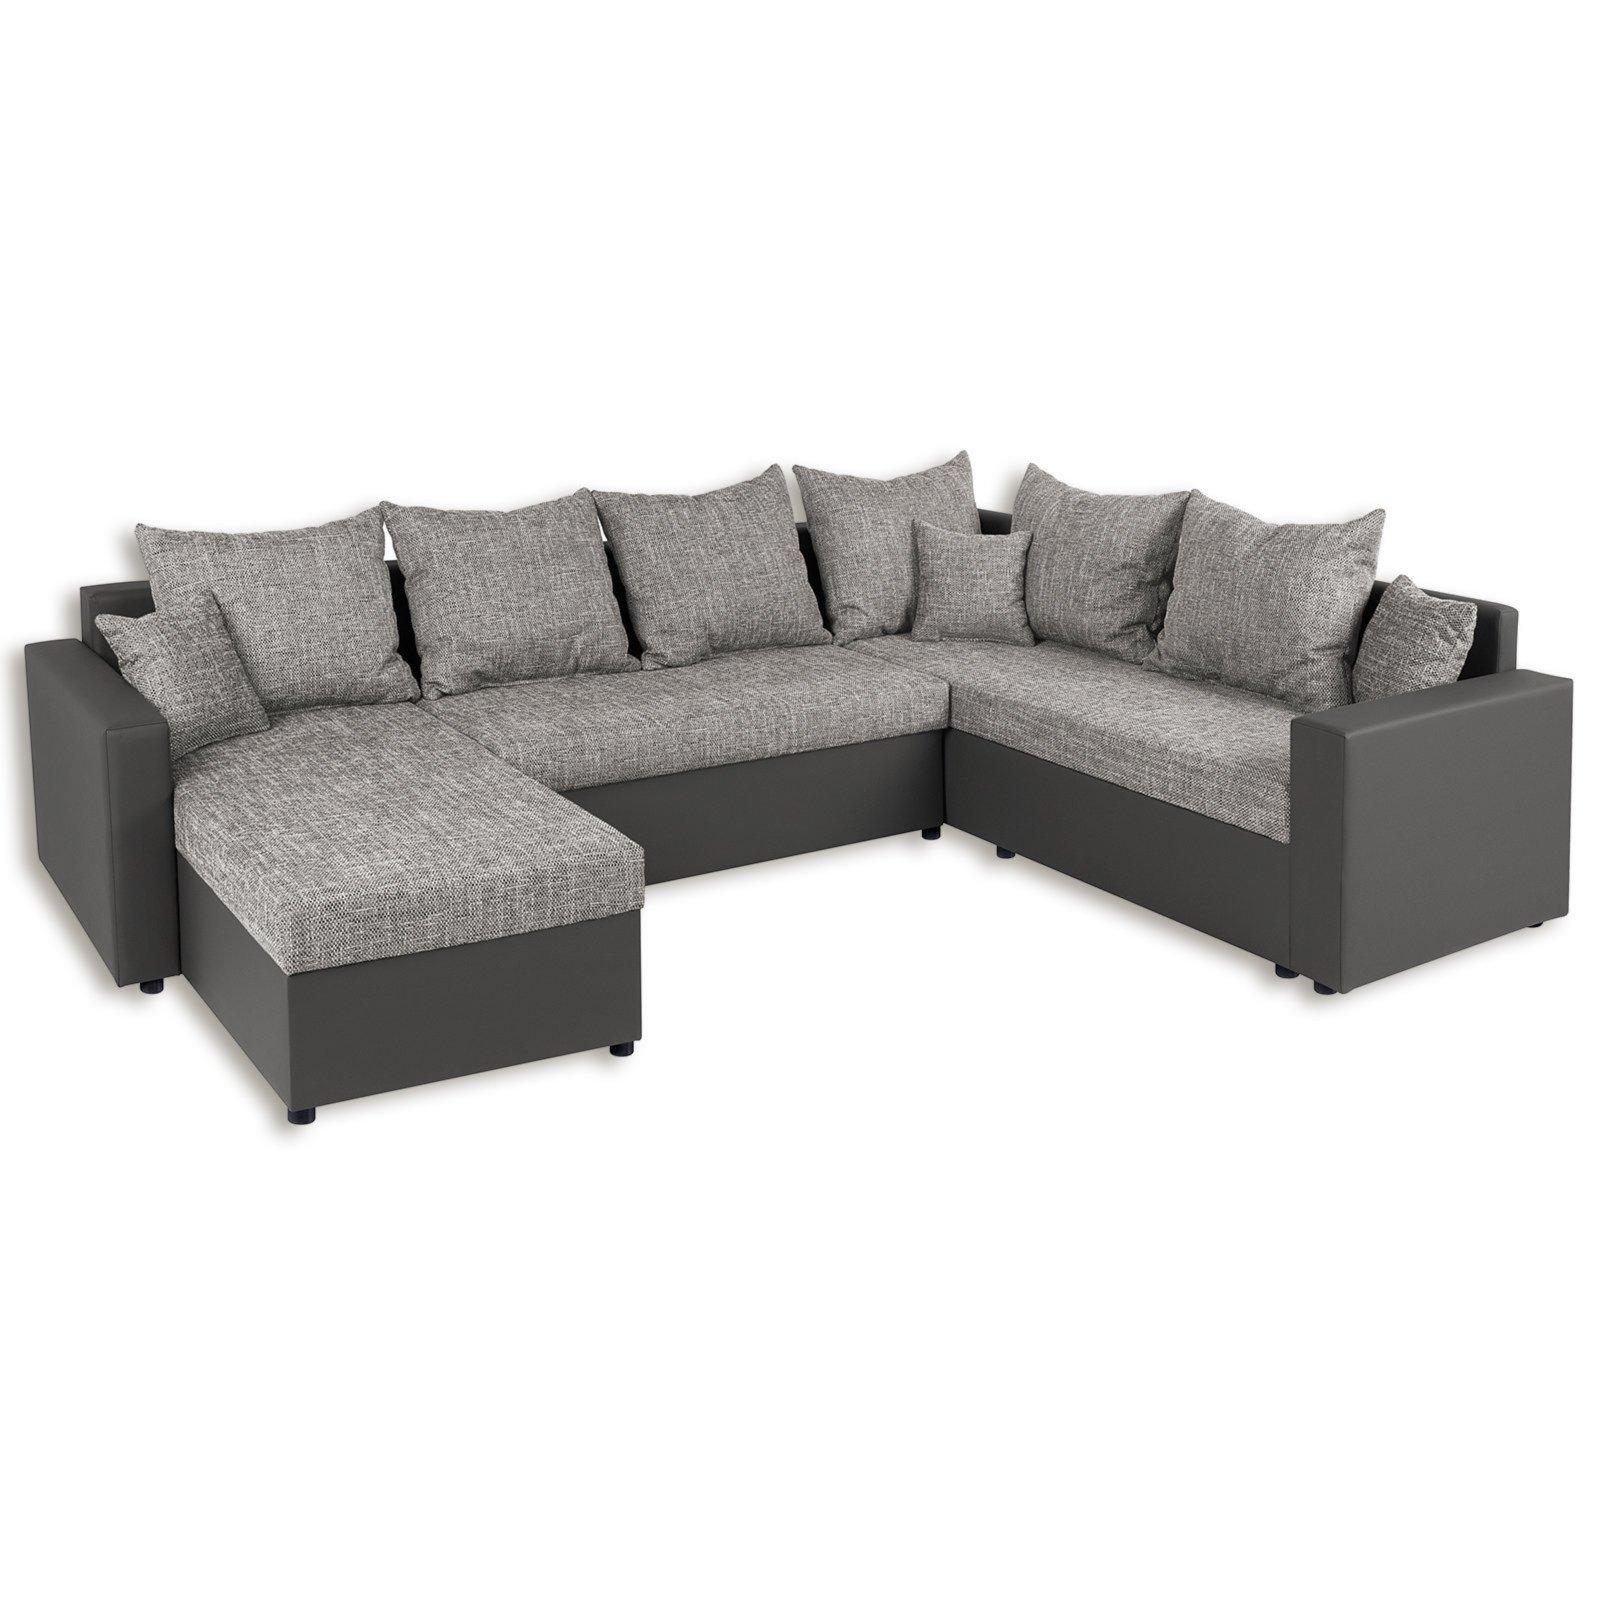 wohnlandschaft grau liegefunktion ebay. Black Bedroom Furniture Sets. Home Design Ideas